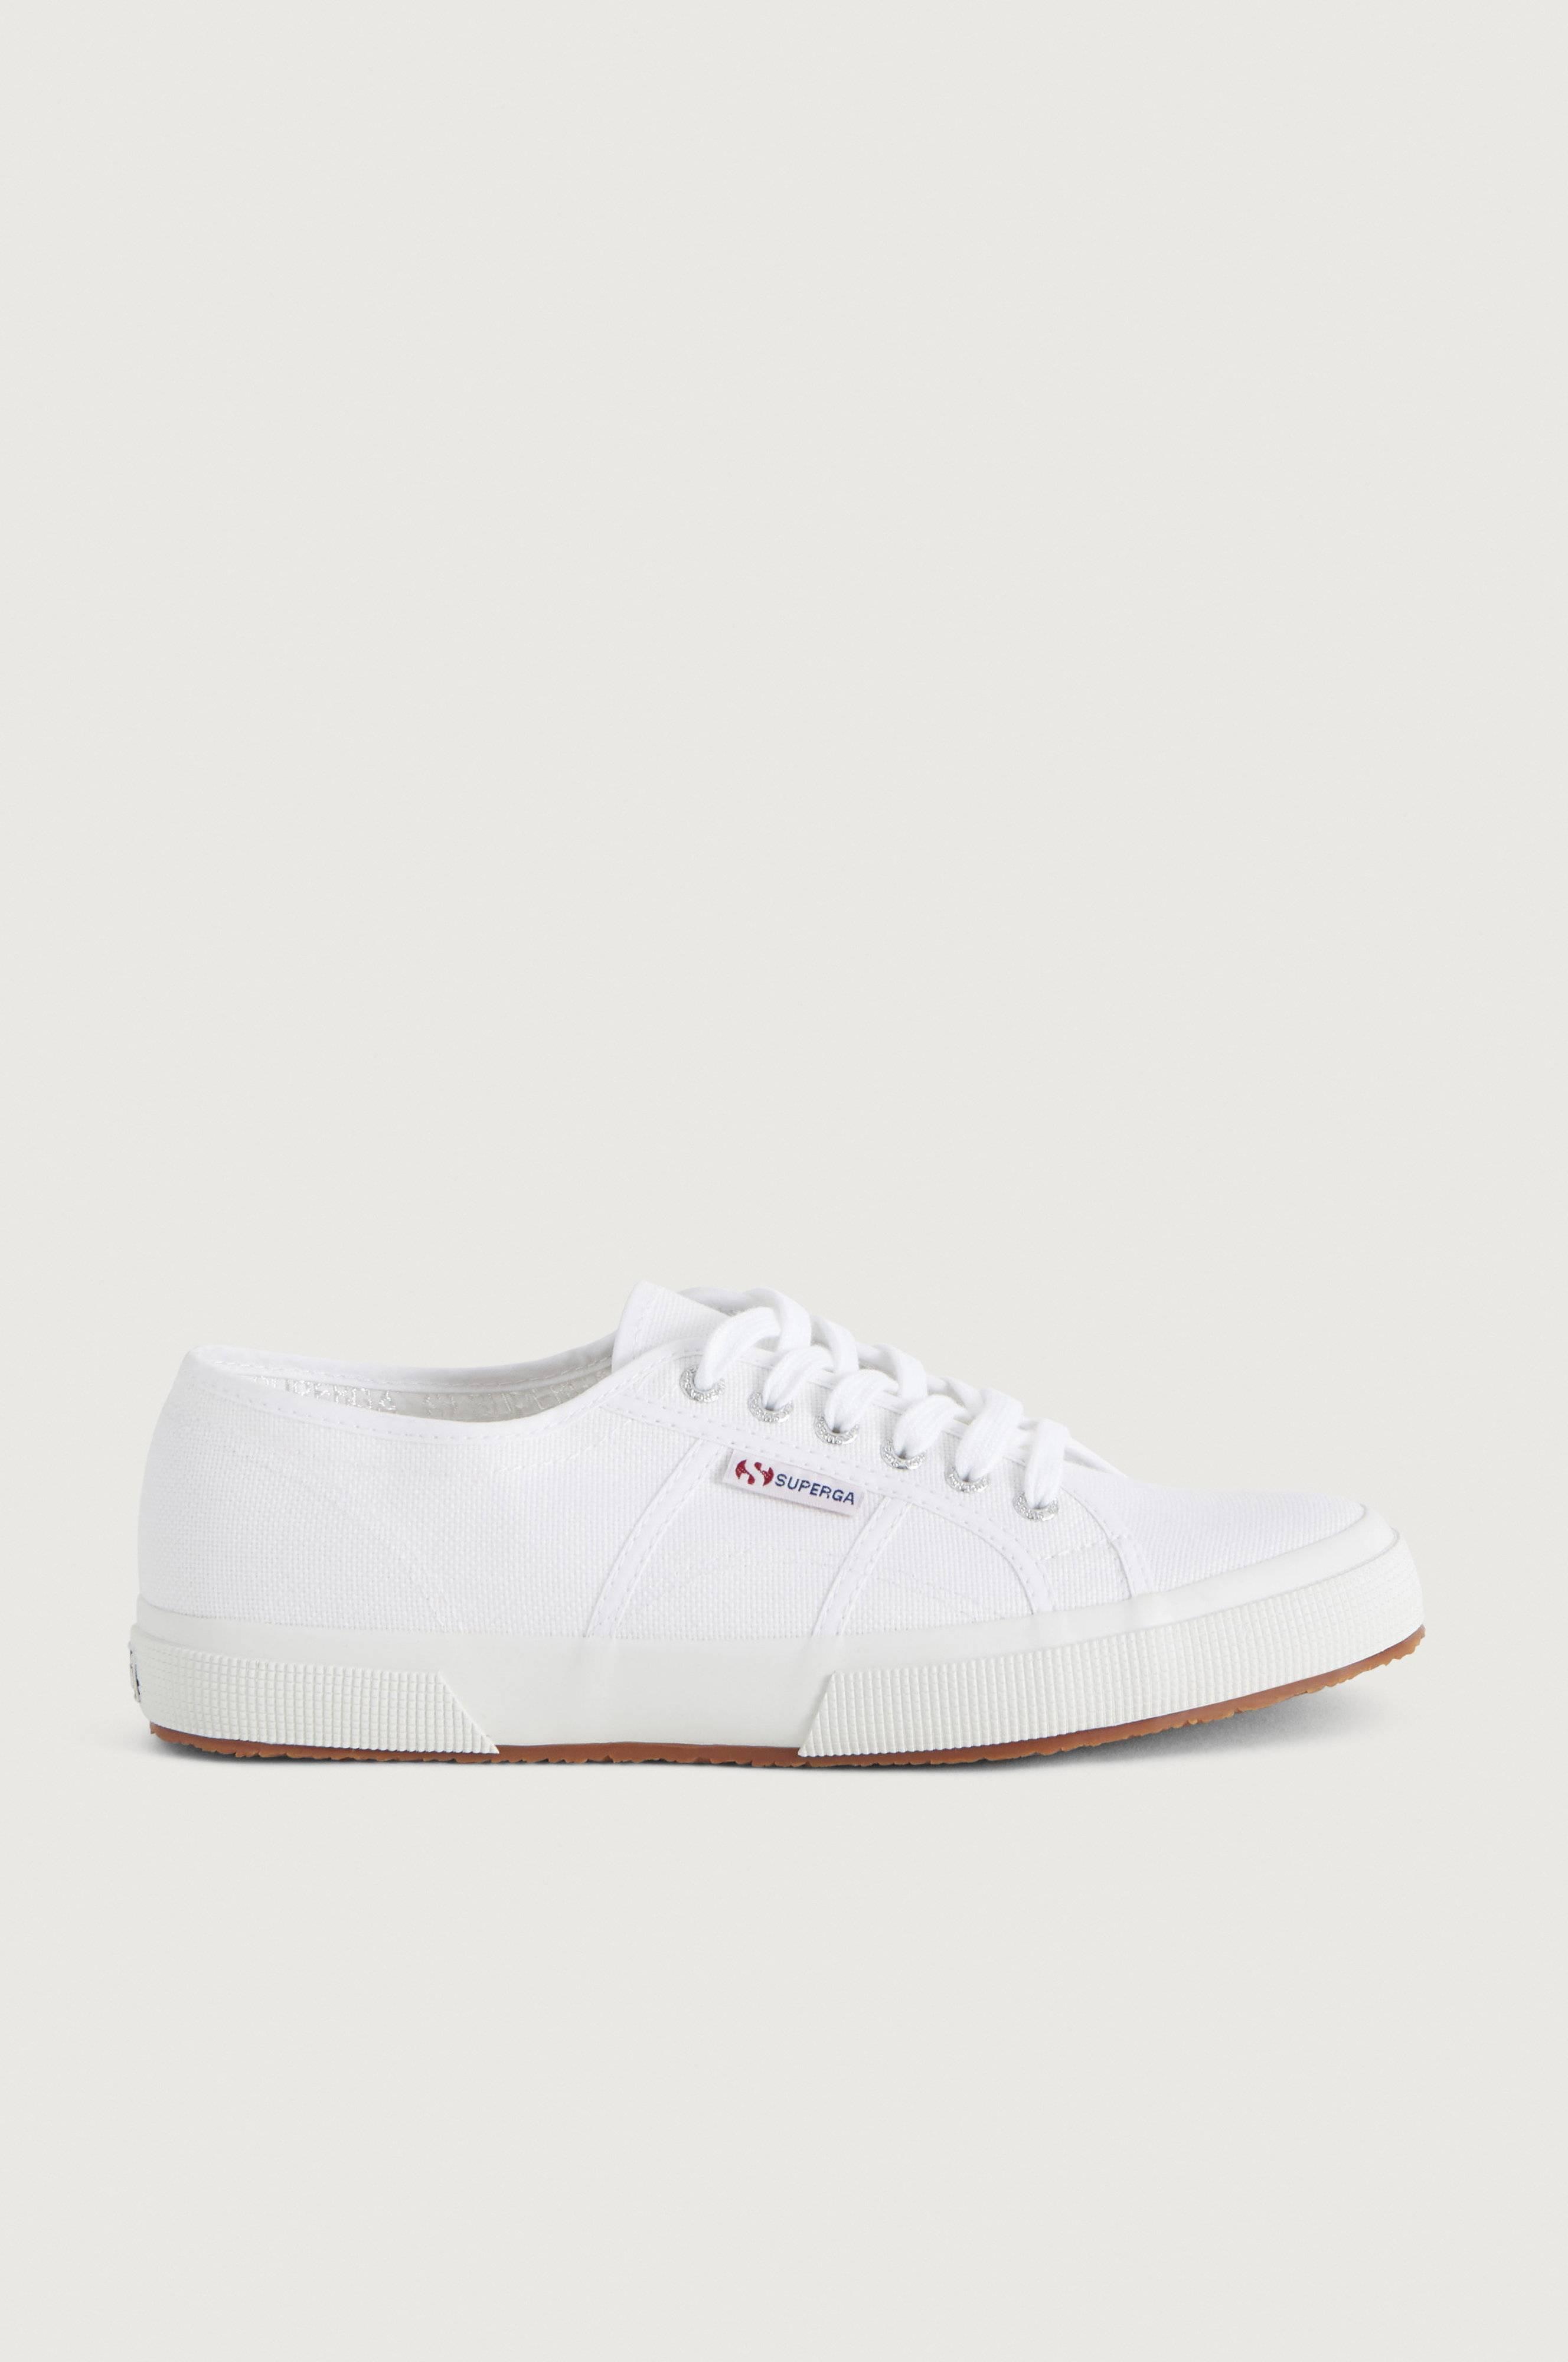 Superga Cotu Classic Sneakers & textilskor Vit